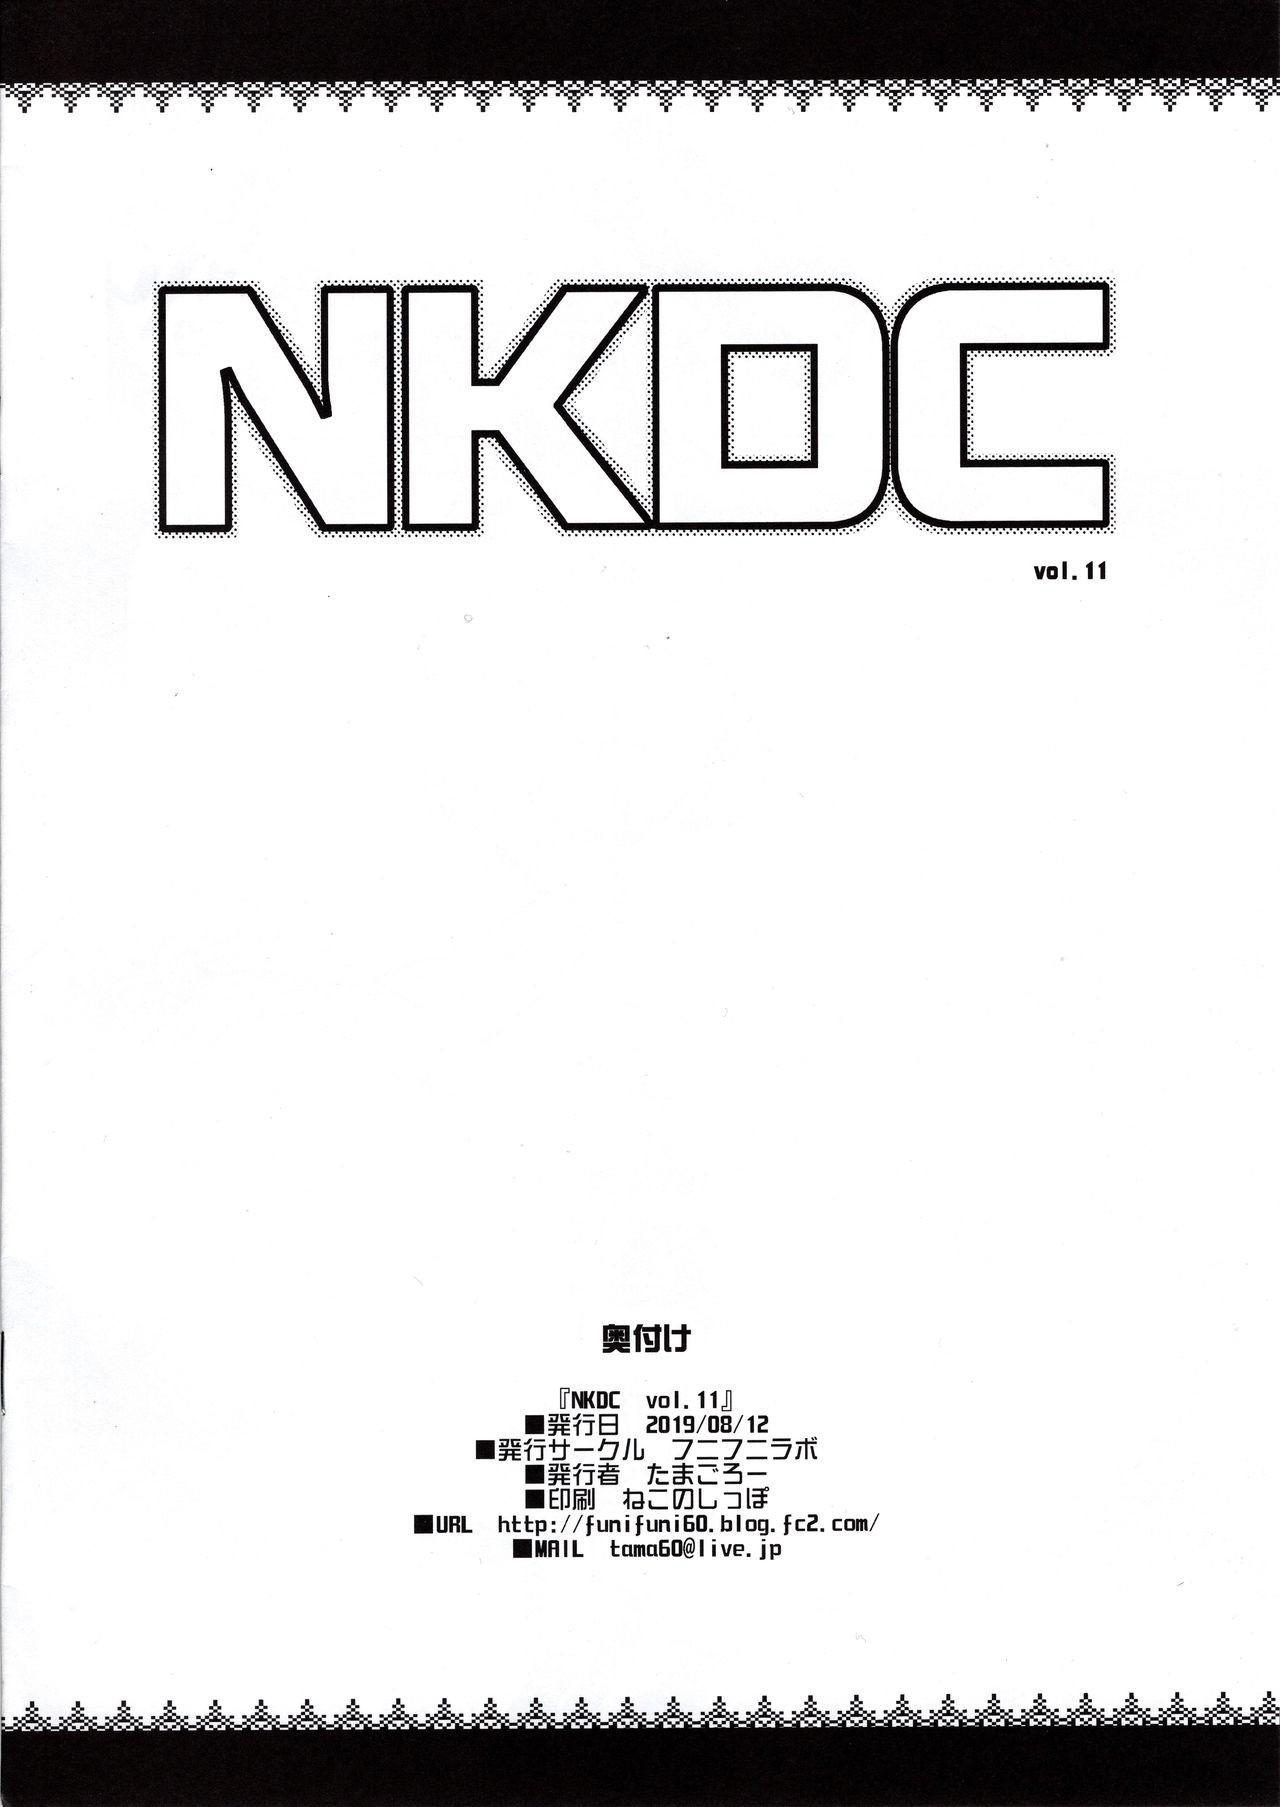 Nkdc Once 08